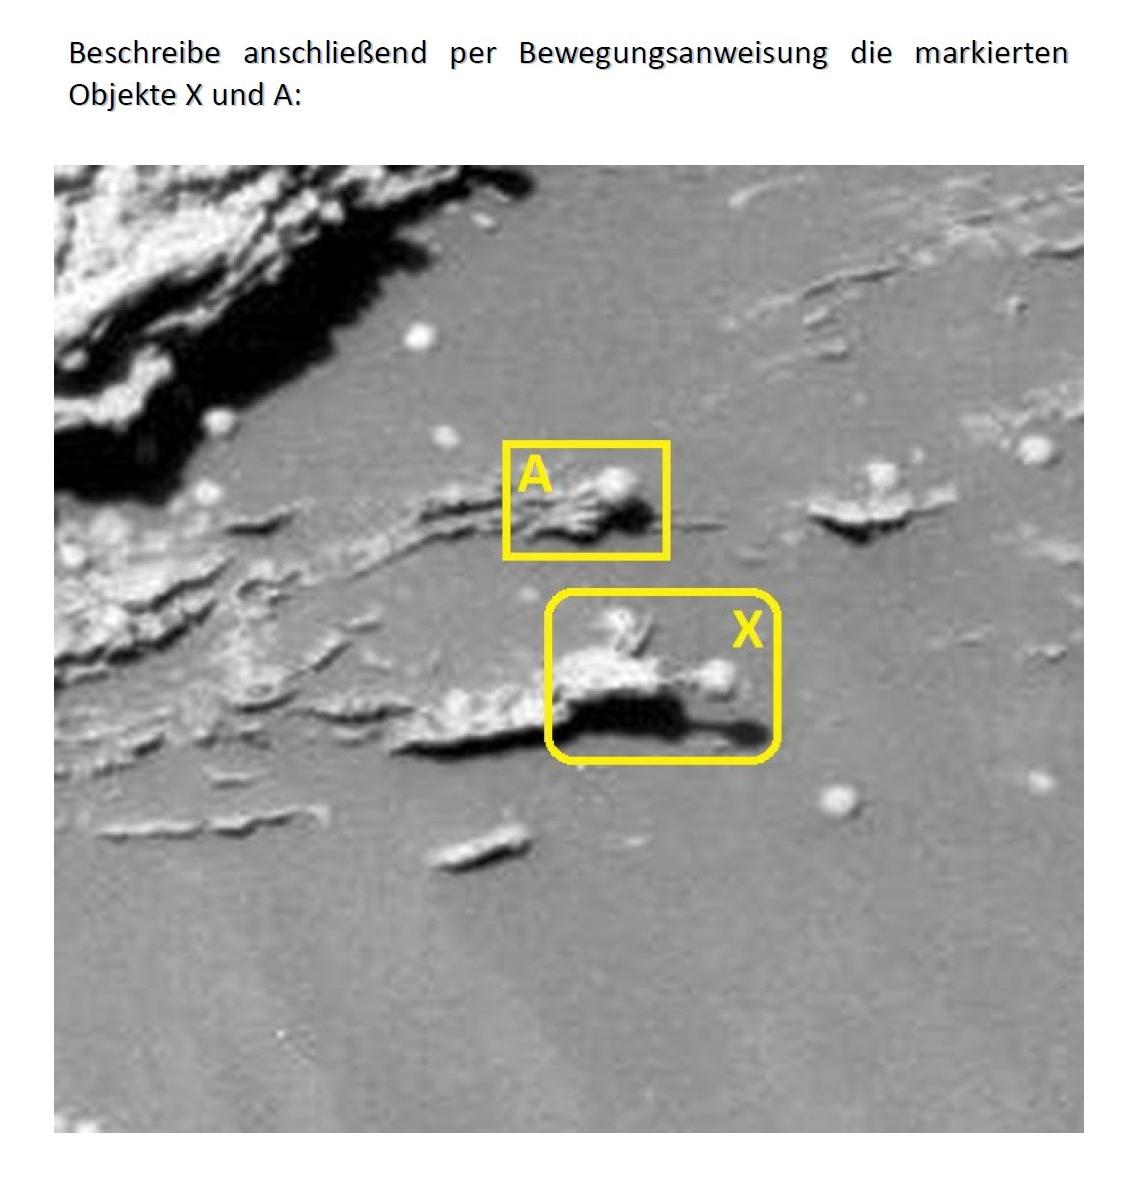 Leben auf dem Mars? (Target-Zoom)